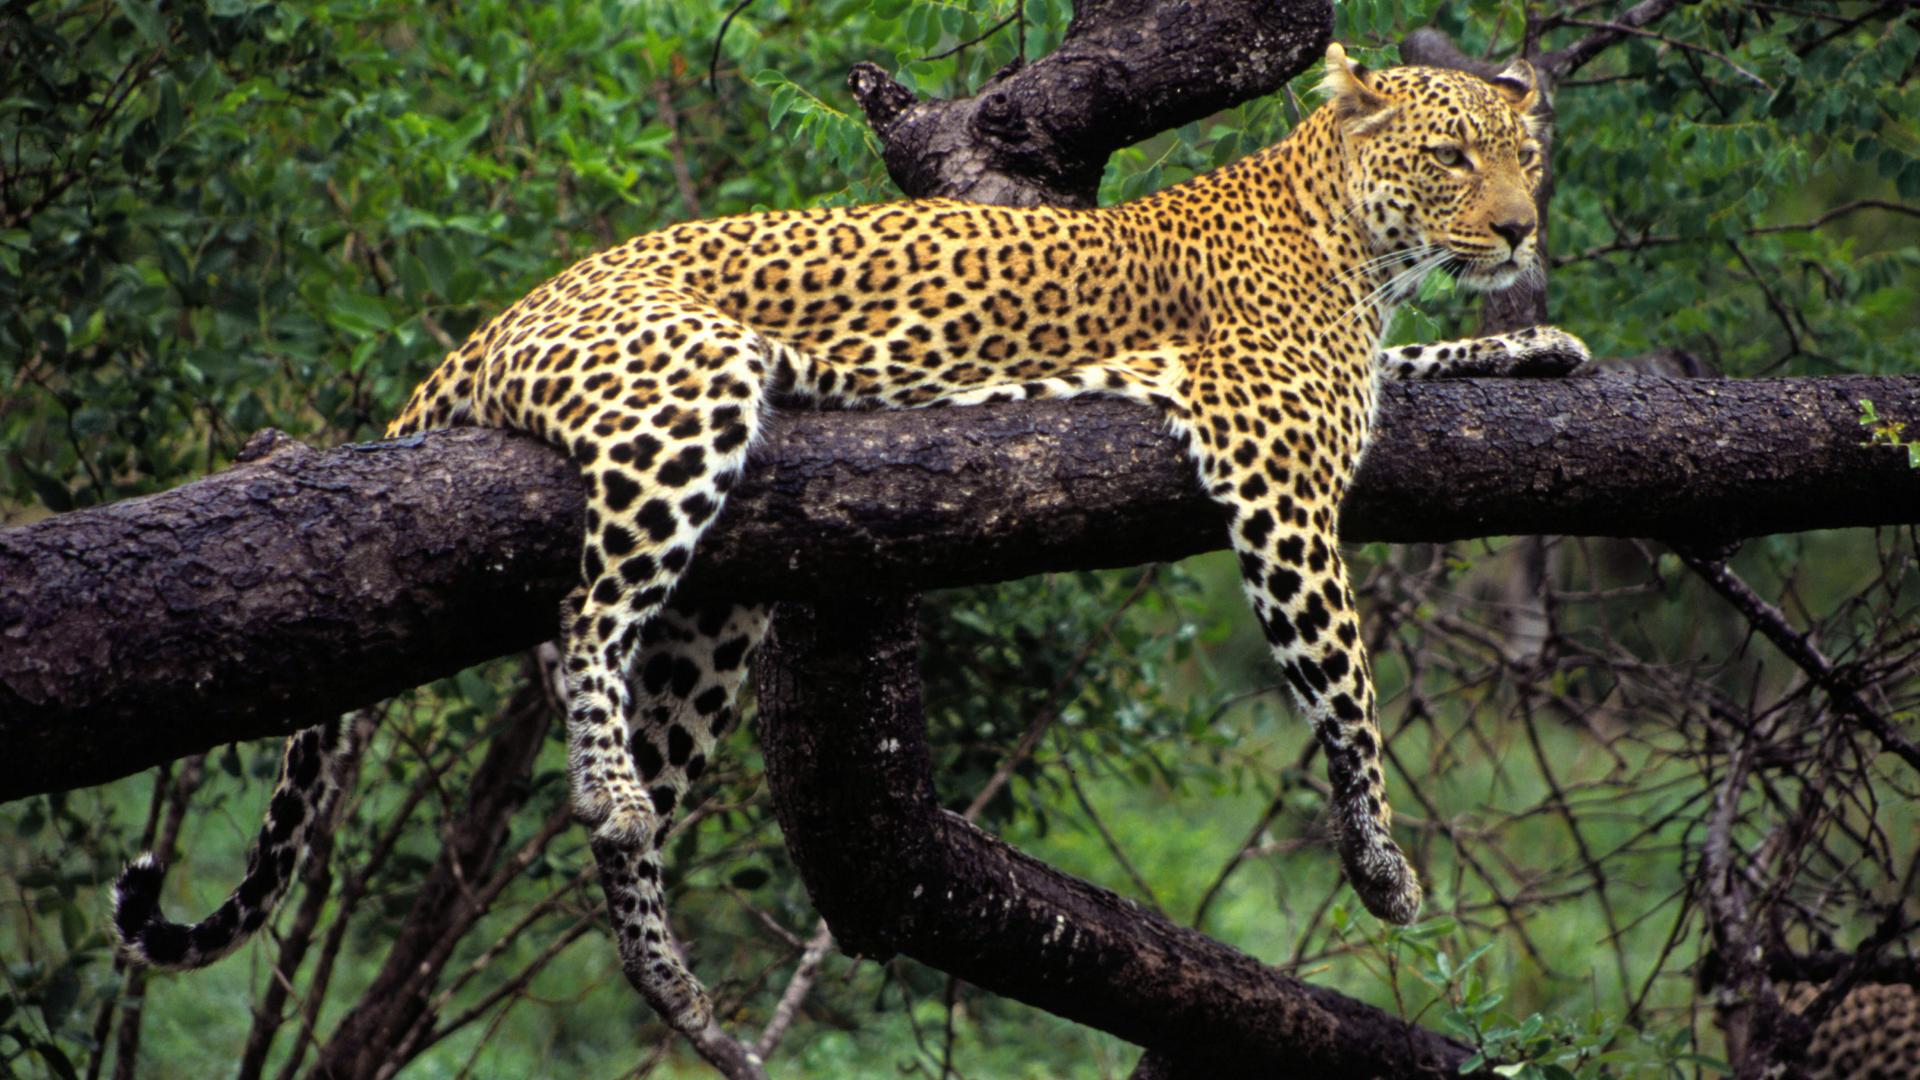 леопард, природа, грация подборки